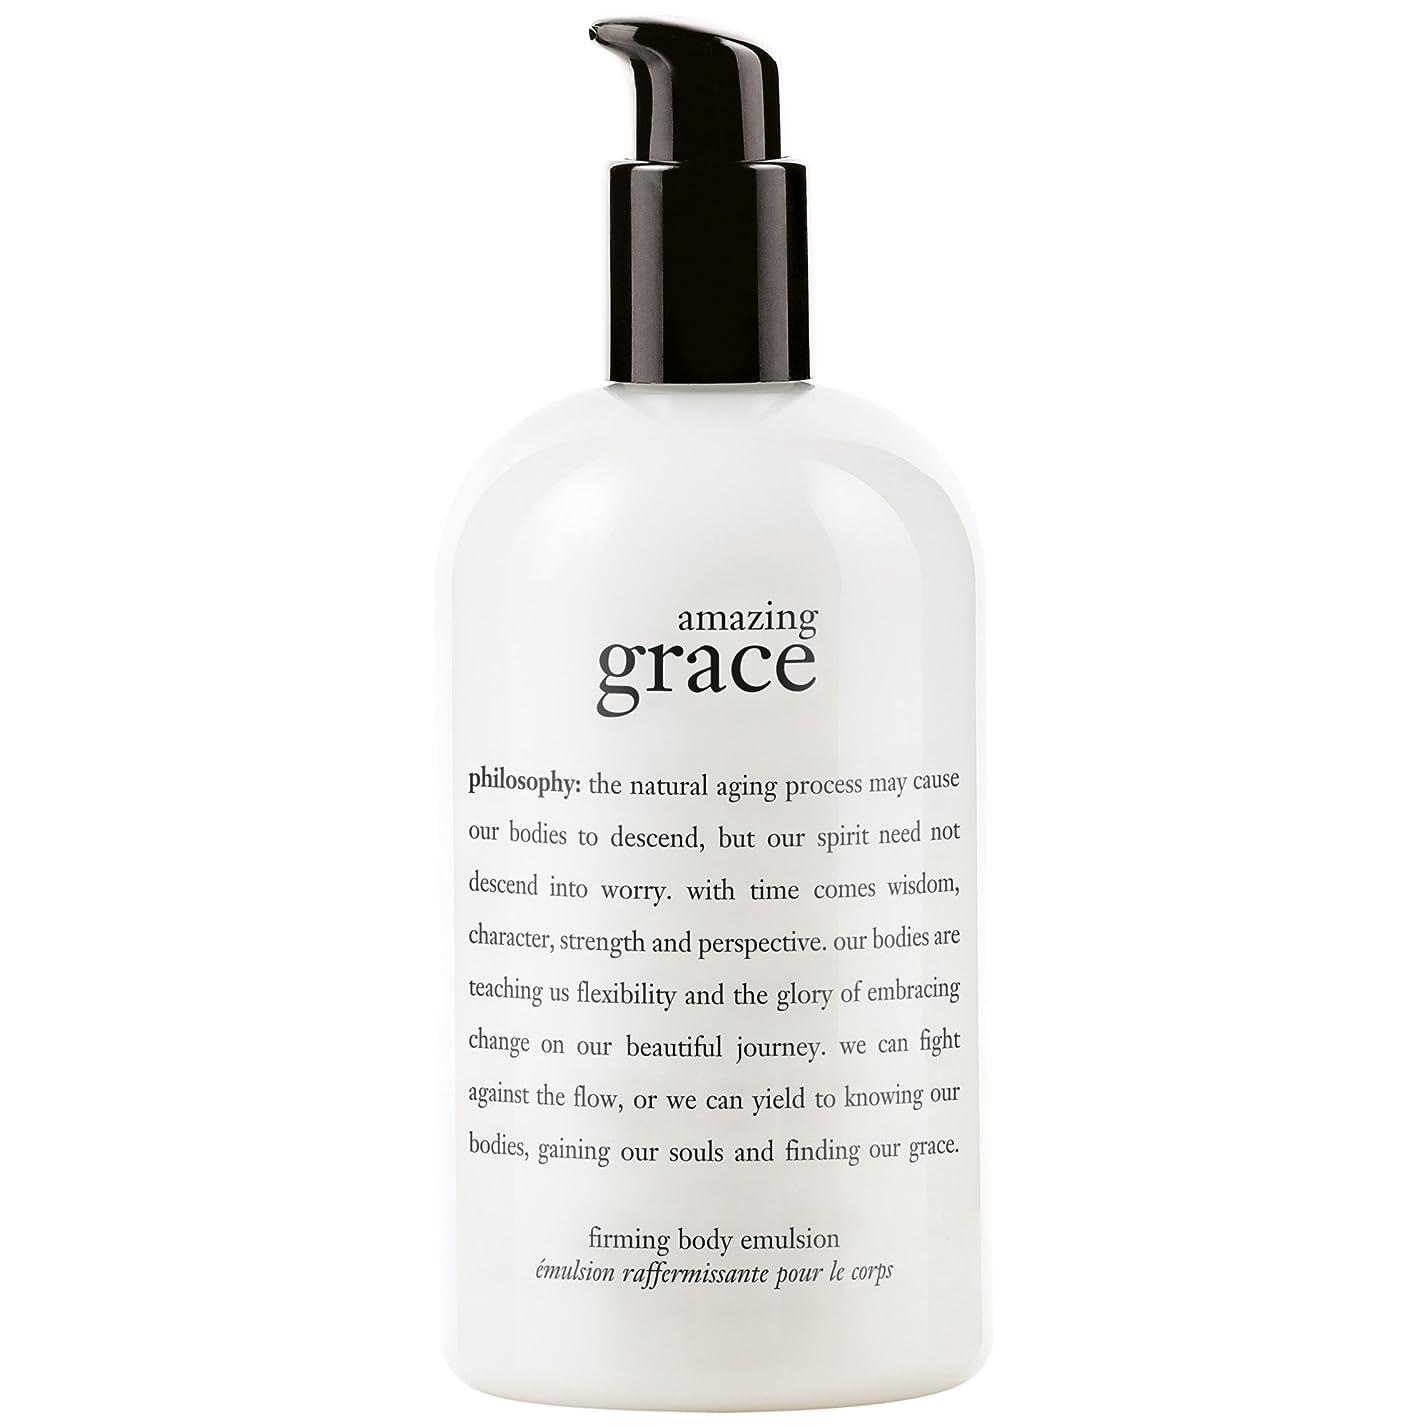 インストール外交成功哲学驚くべき恵み引き締めボディエマルジョン480ミリリットル (Philosophy) (x2) - Philosophy Amazing Grace Firming Body Emulsion 480ml (Pack of 2) [並行輸入品]